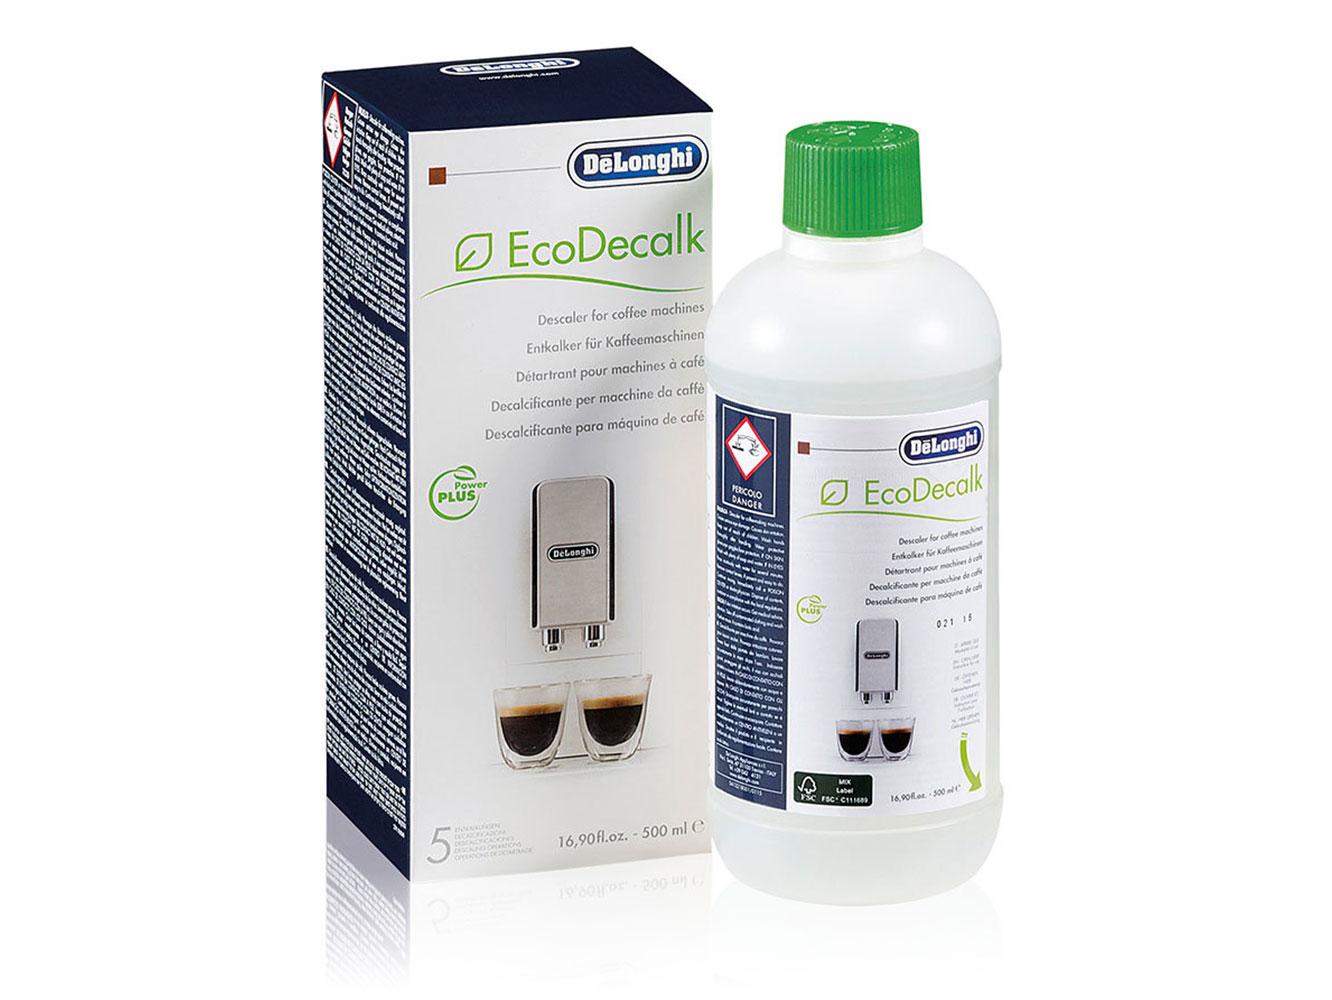 Odvápňovač Eco Decalk DeLonghi - 5 cyklů